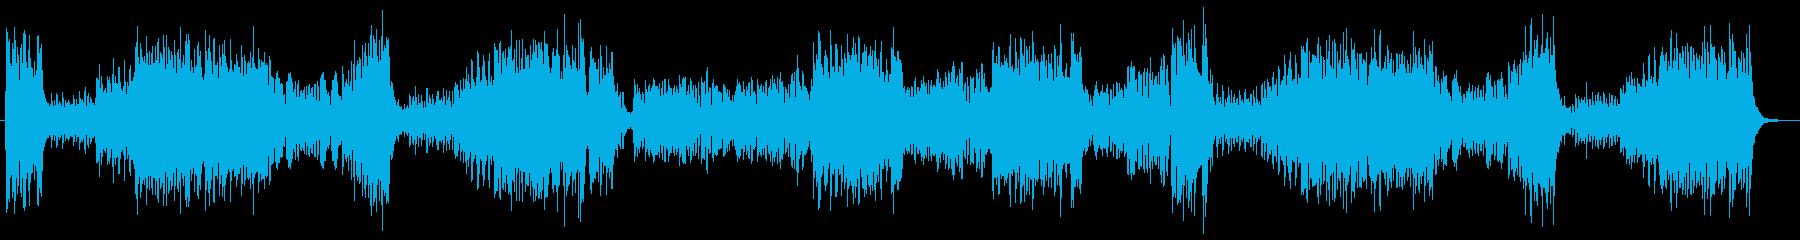 運動会に使われるクラシックの行進曲の再生済みの波形